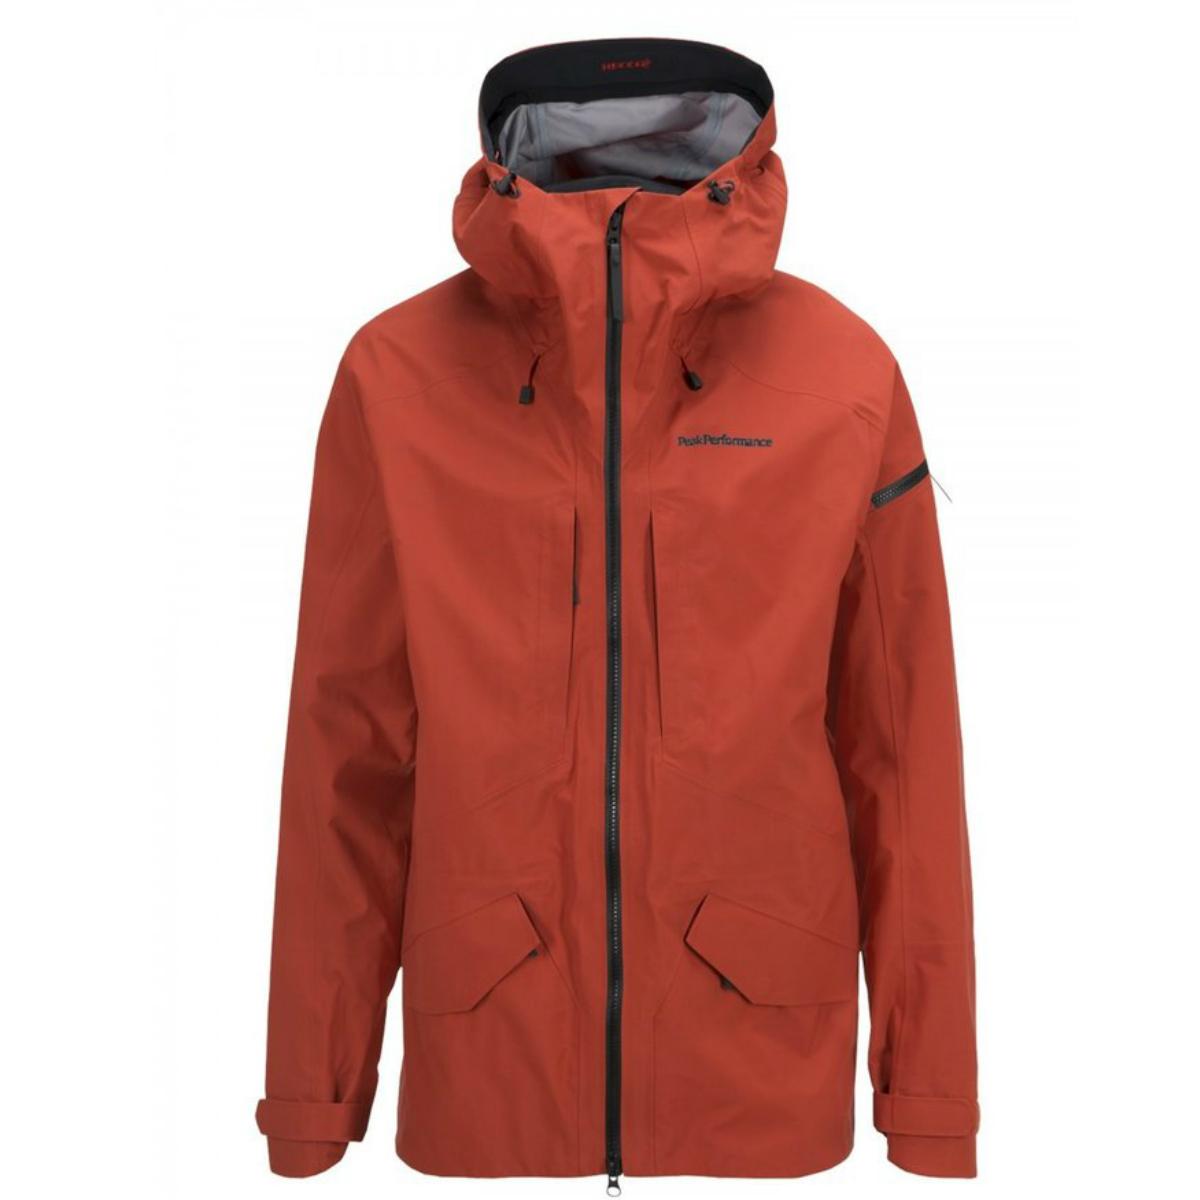 最新モデル Peak Performance Teton Jacket ピークパフォーマンス ティトン ジャケット (検索用heli alpine gravity volcan bec)